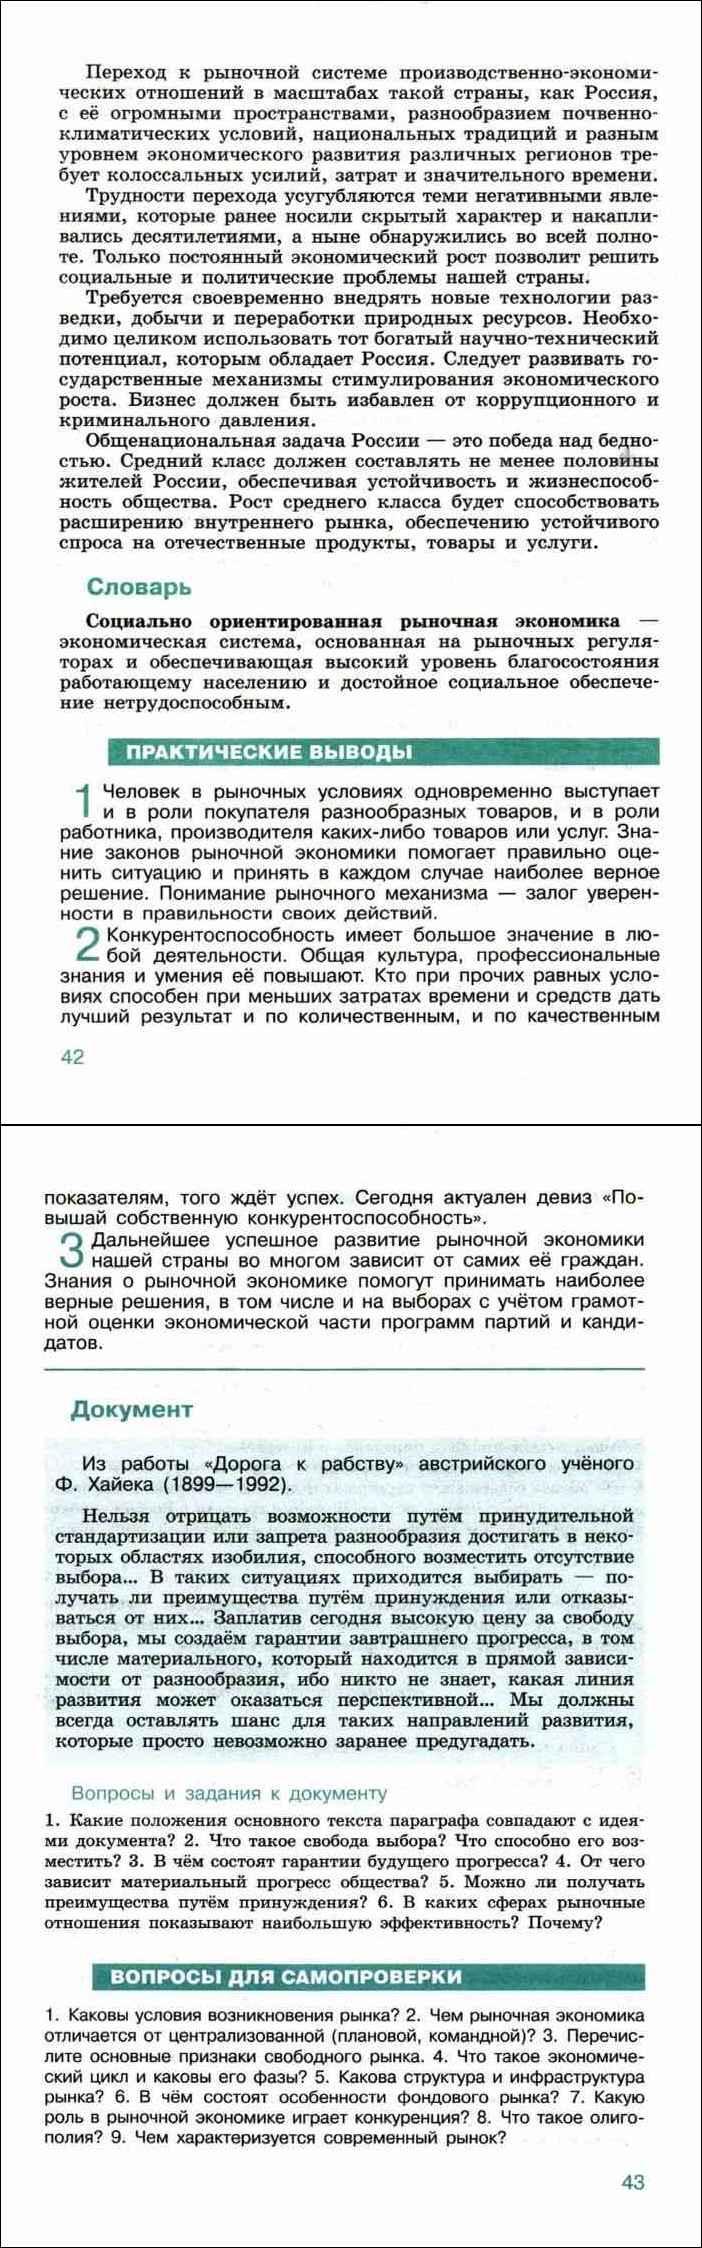 2. демократия и политическое участие